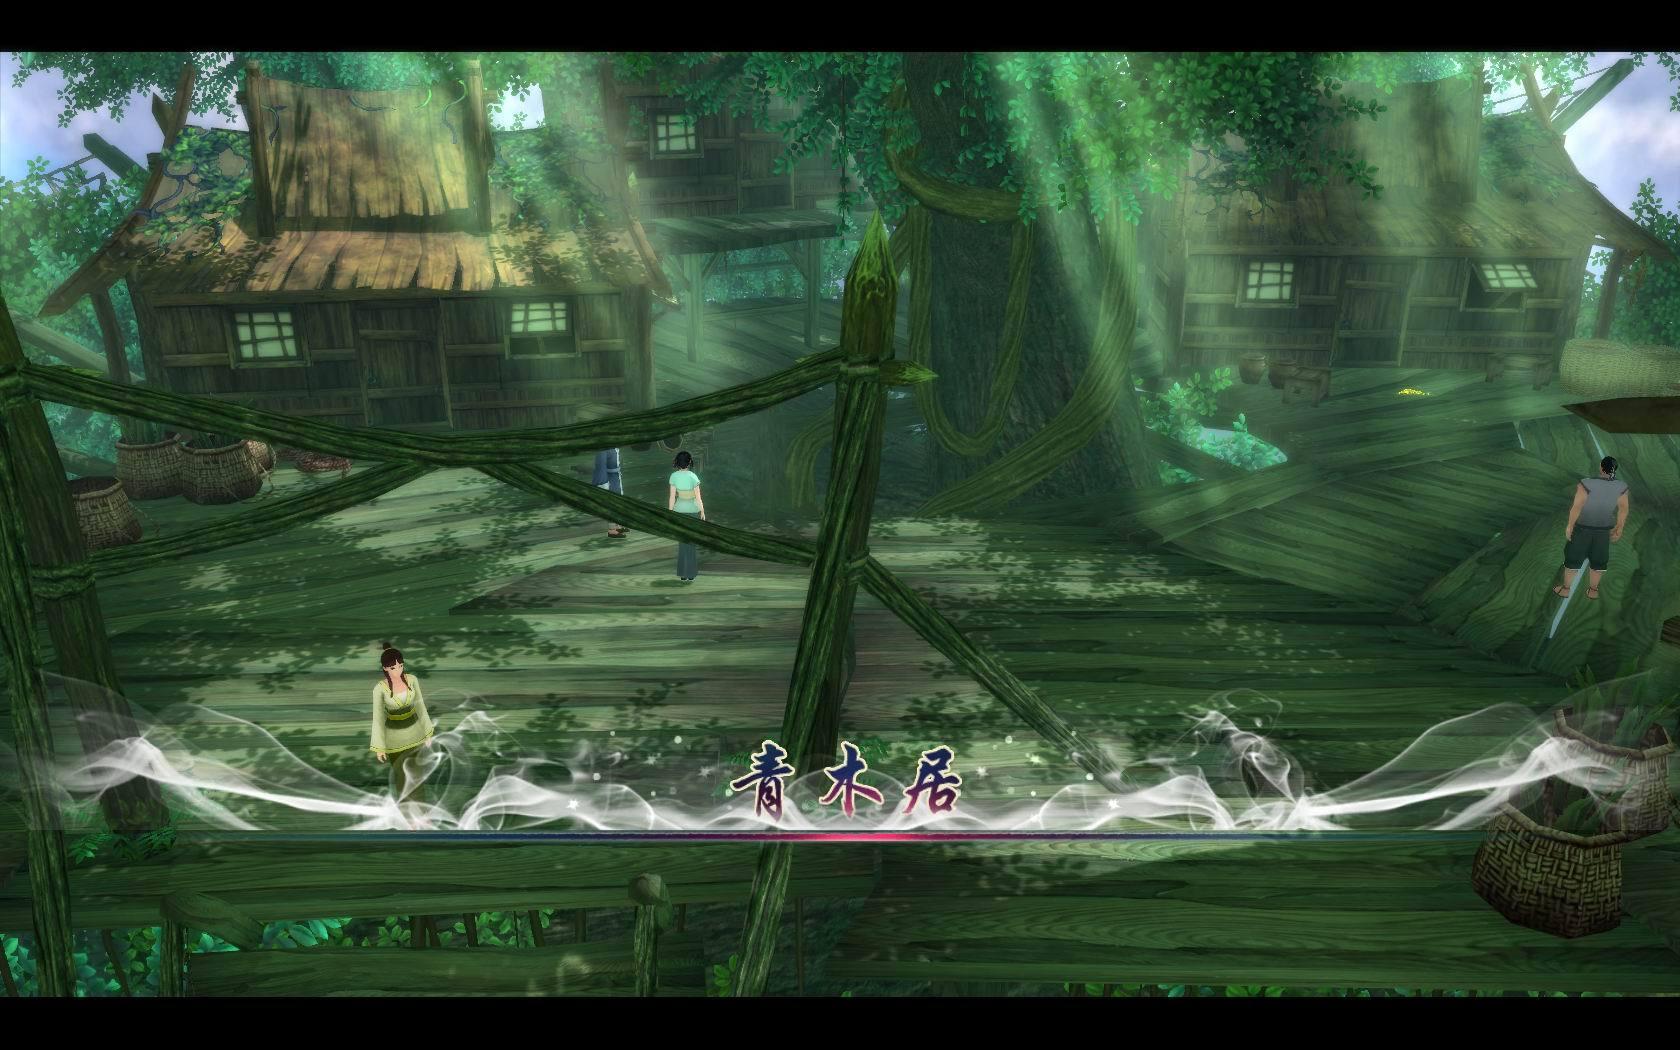 游戲攻略 已有_count_條評論  下一步就可以找到水靈珠了,小蠻順利圖片